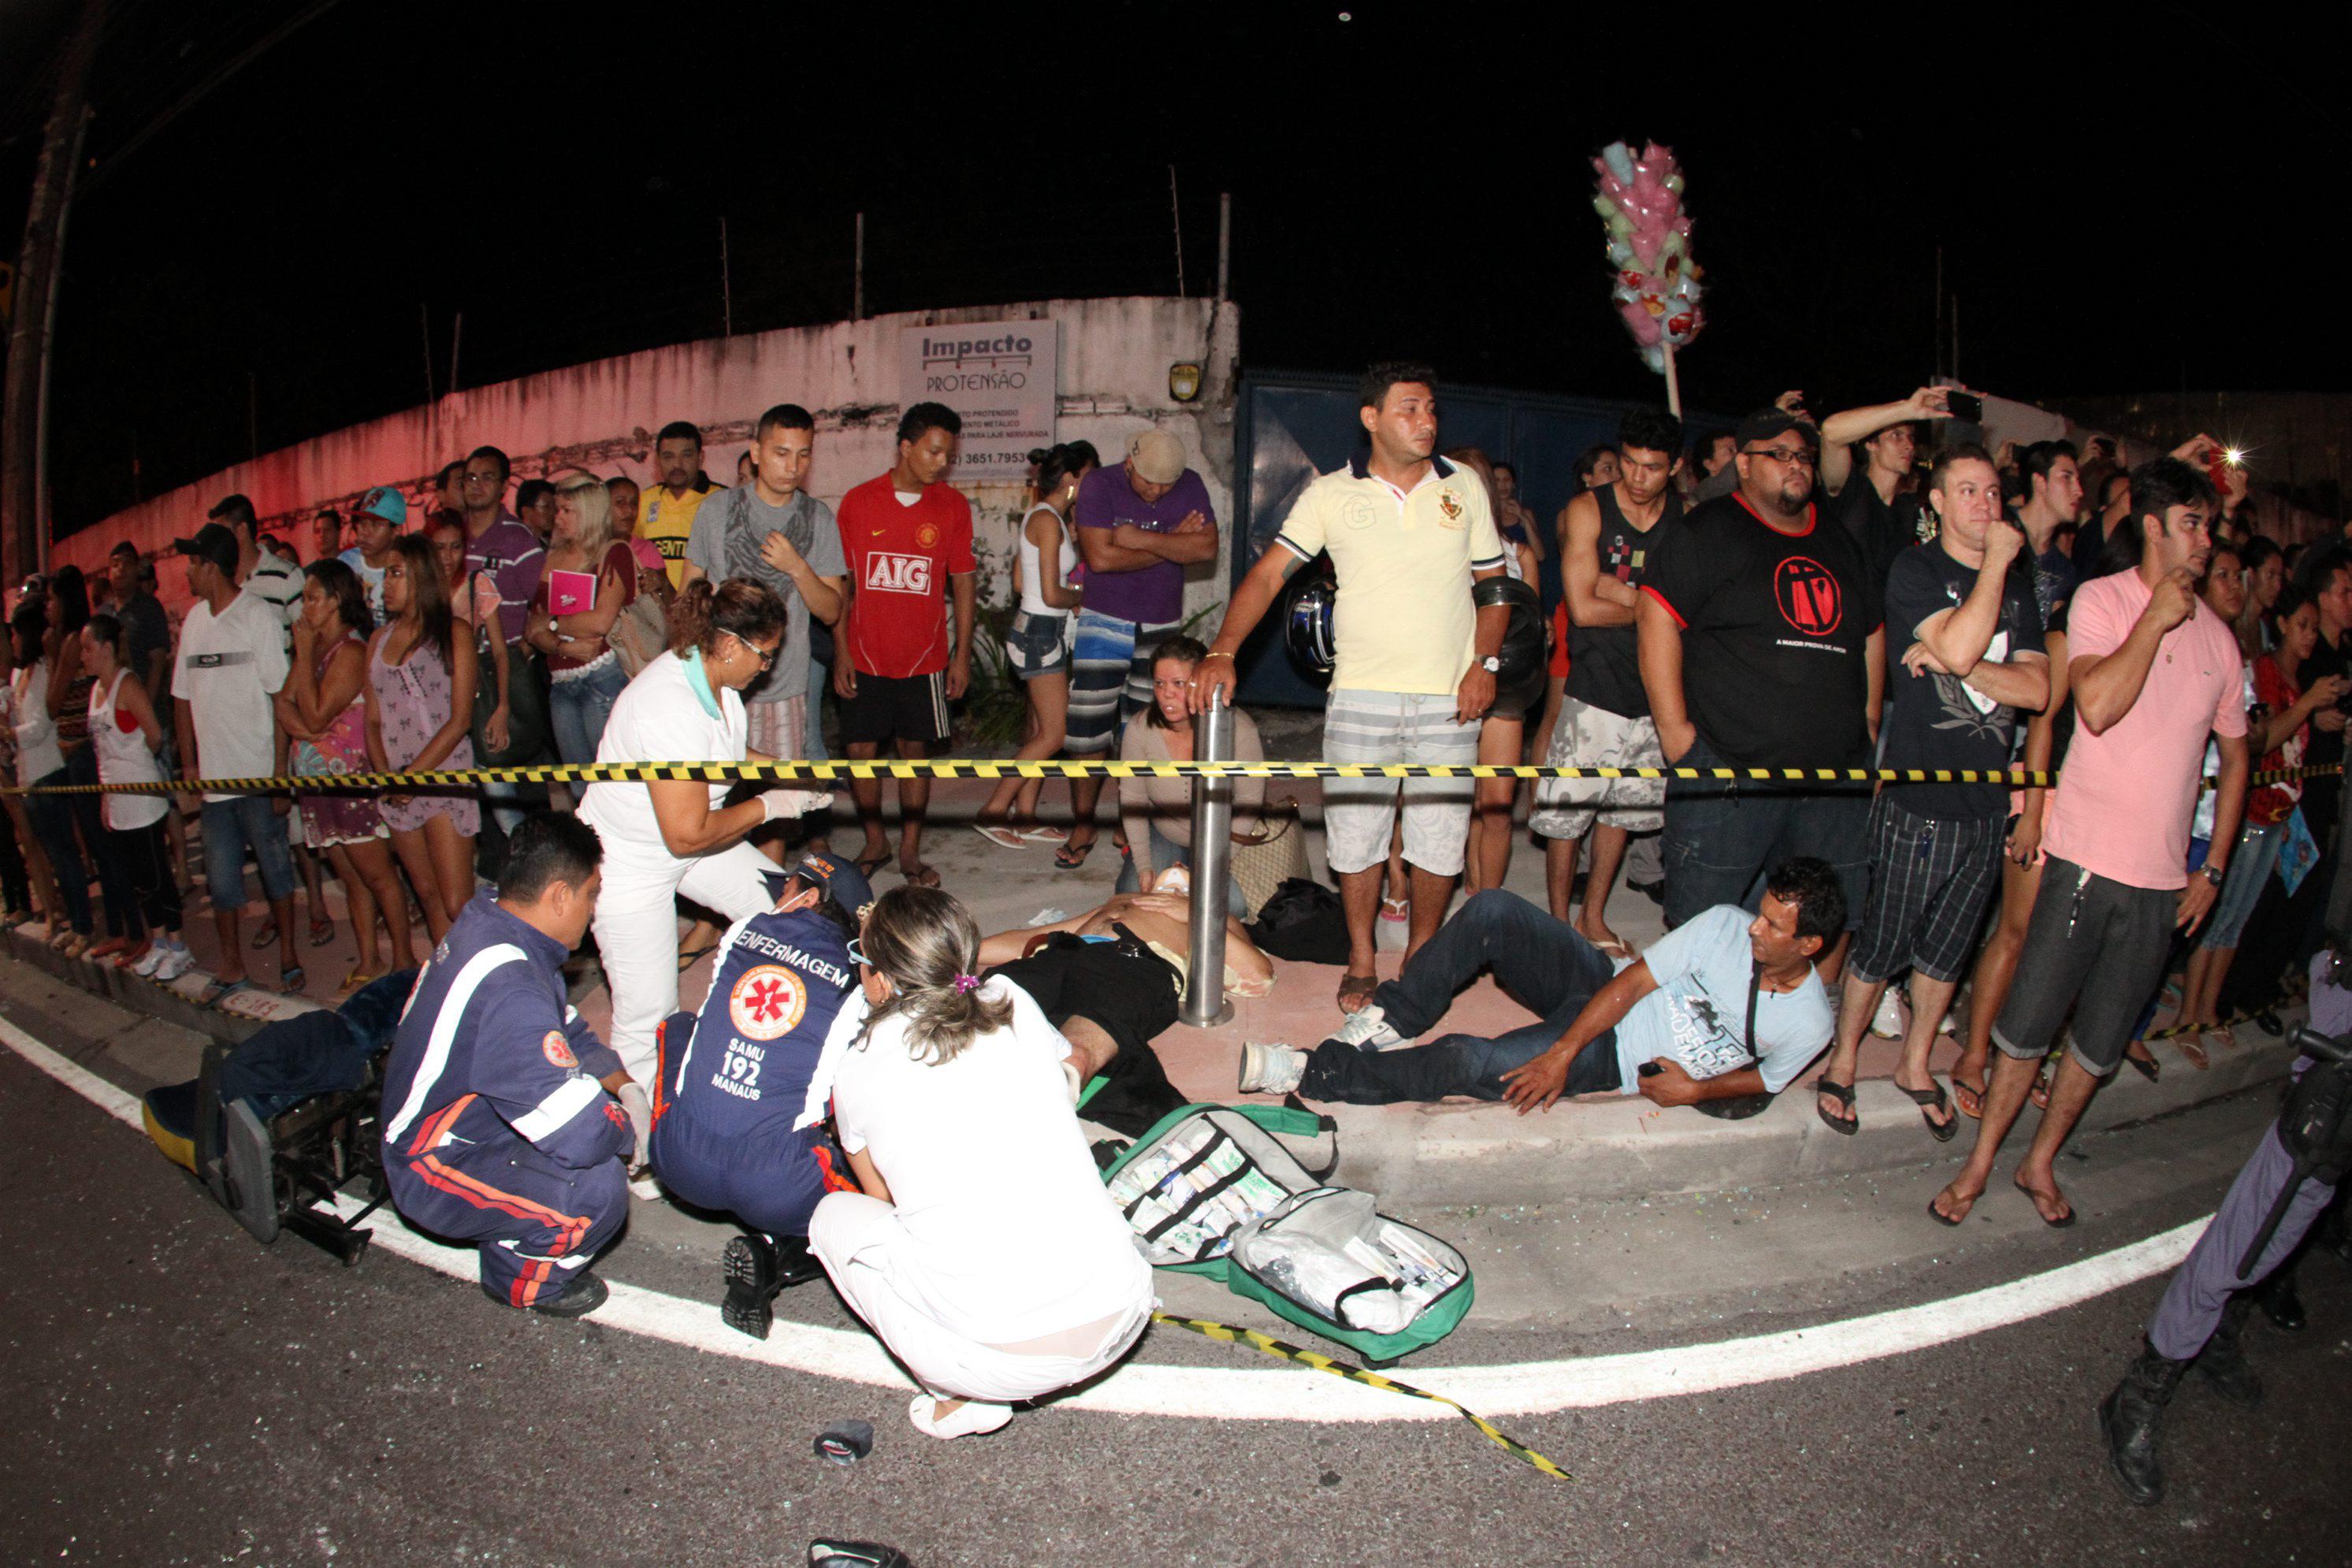 Feridos são atendidos na calçada logo após o acidente | Clóvis Miranda/A Crítica/Folhapress